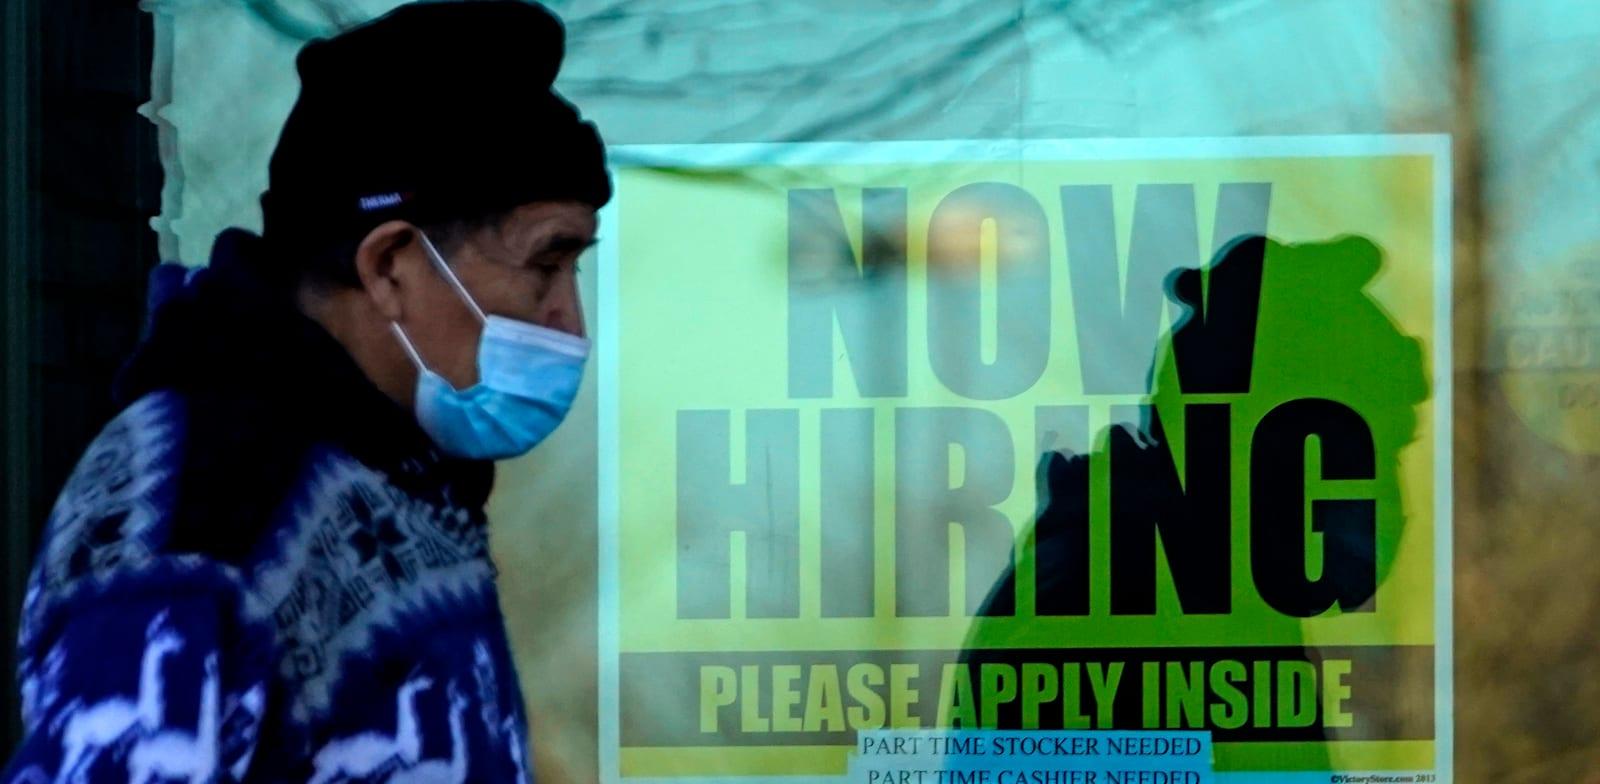 אזרח אמריקאי עובר ליד חנות שמגייסת עובדים באילינוי / צילום: Associated Press, Nam Y. Huh